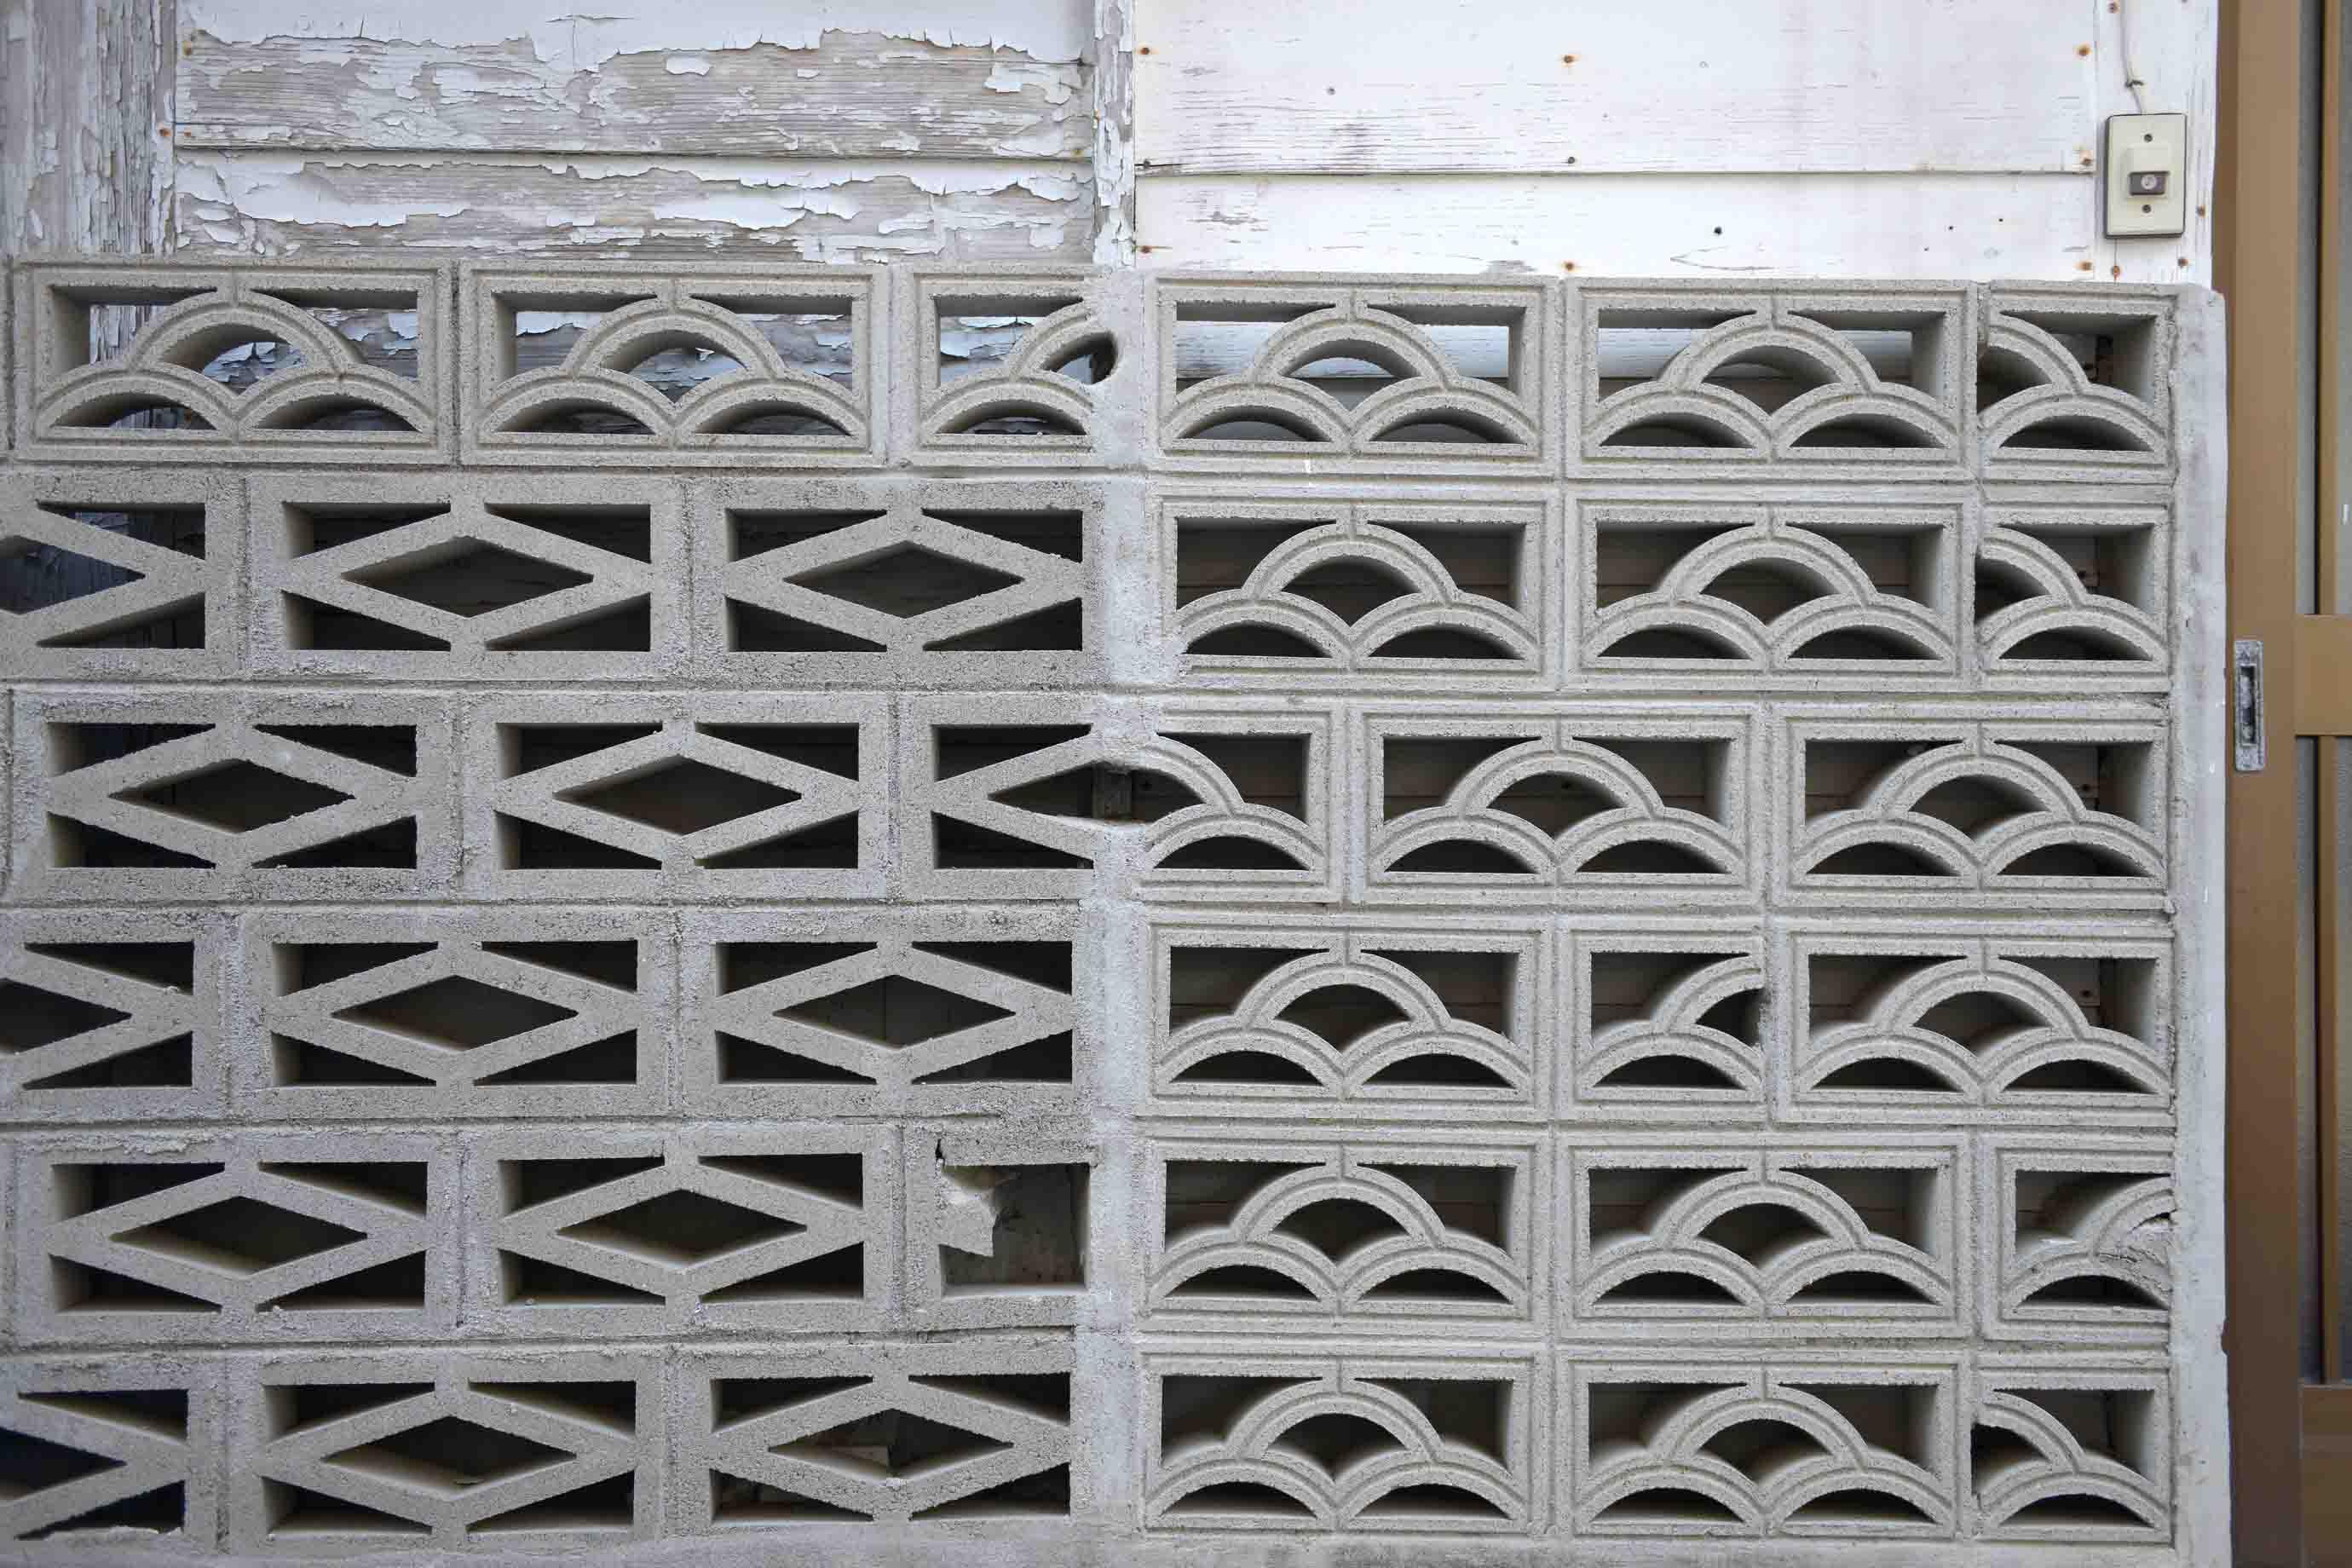 ブロック塀として使われる